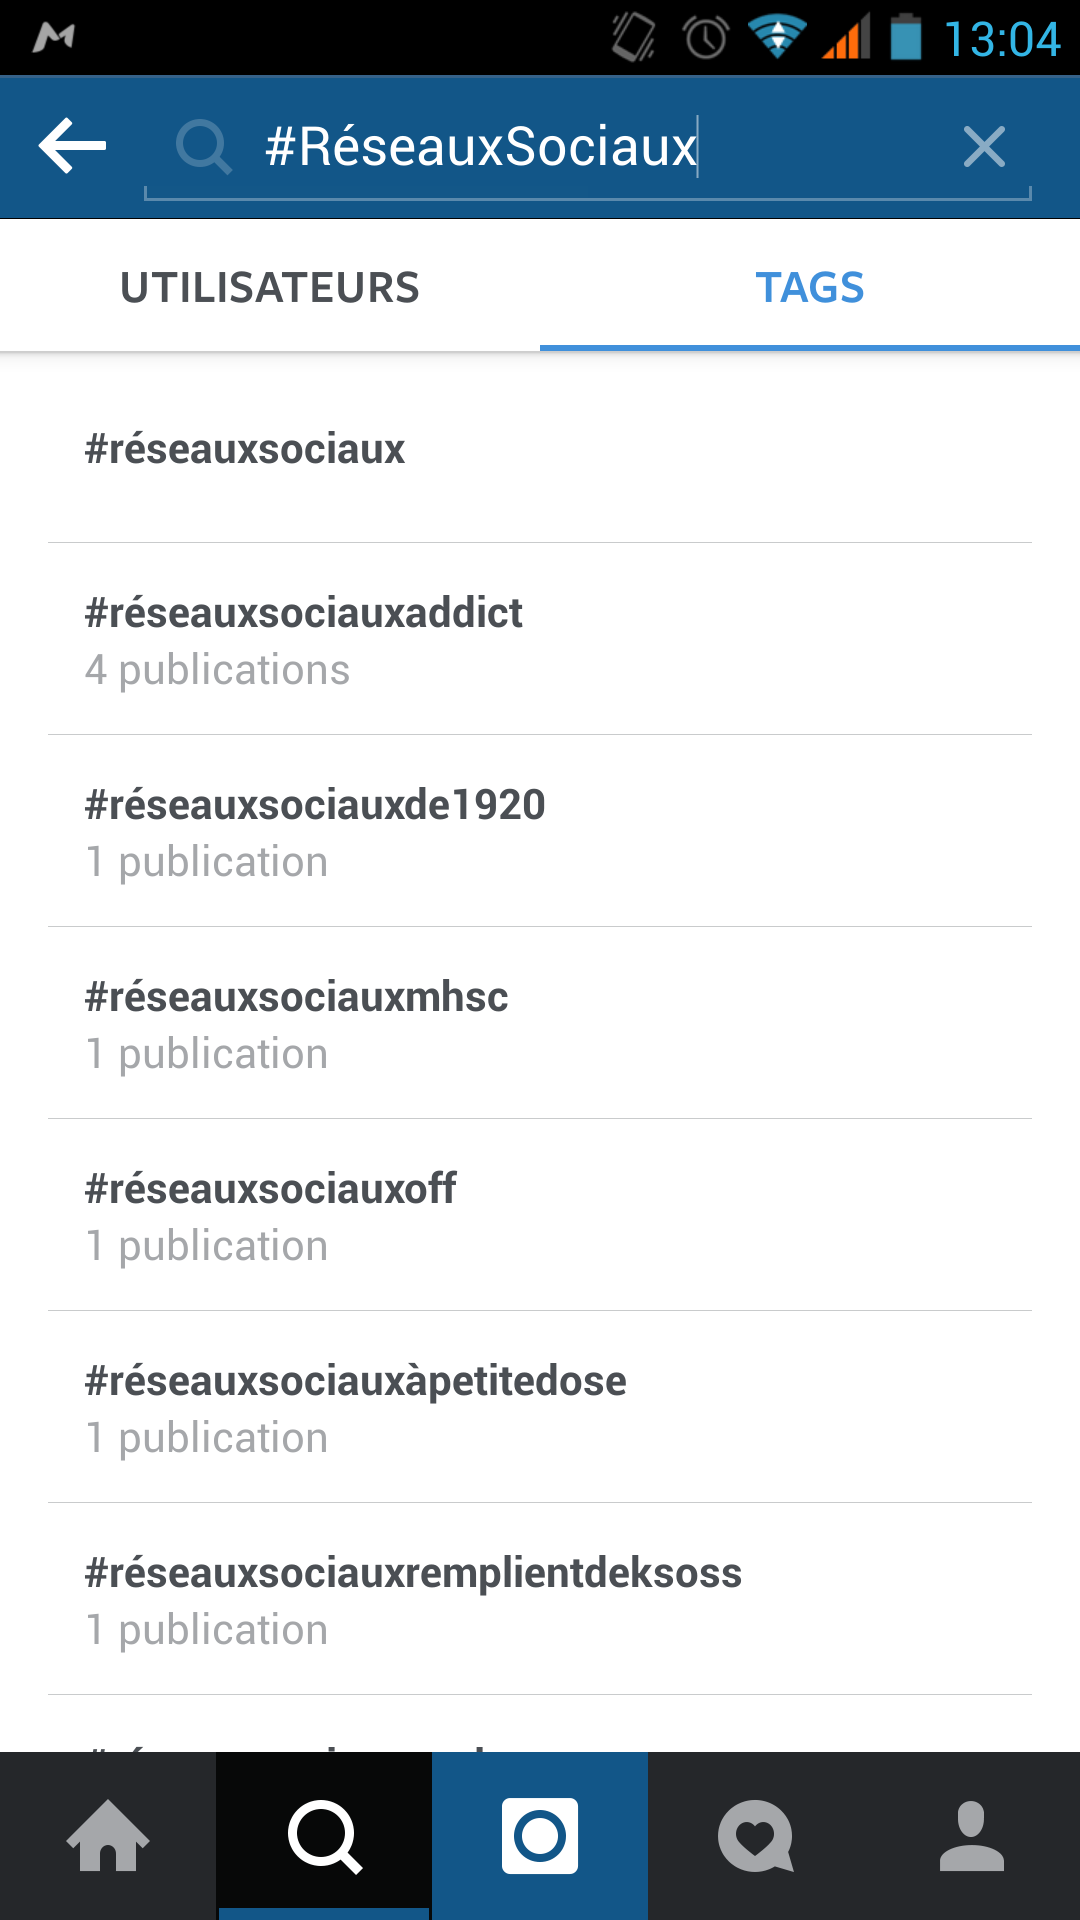 #RéseauxSociaux